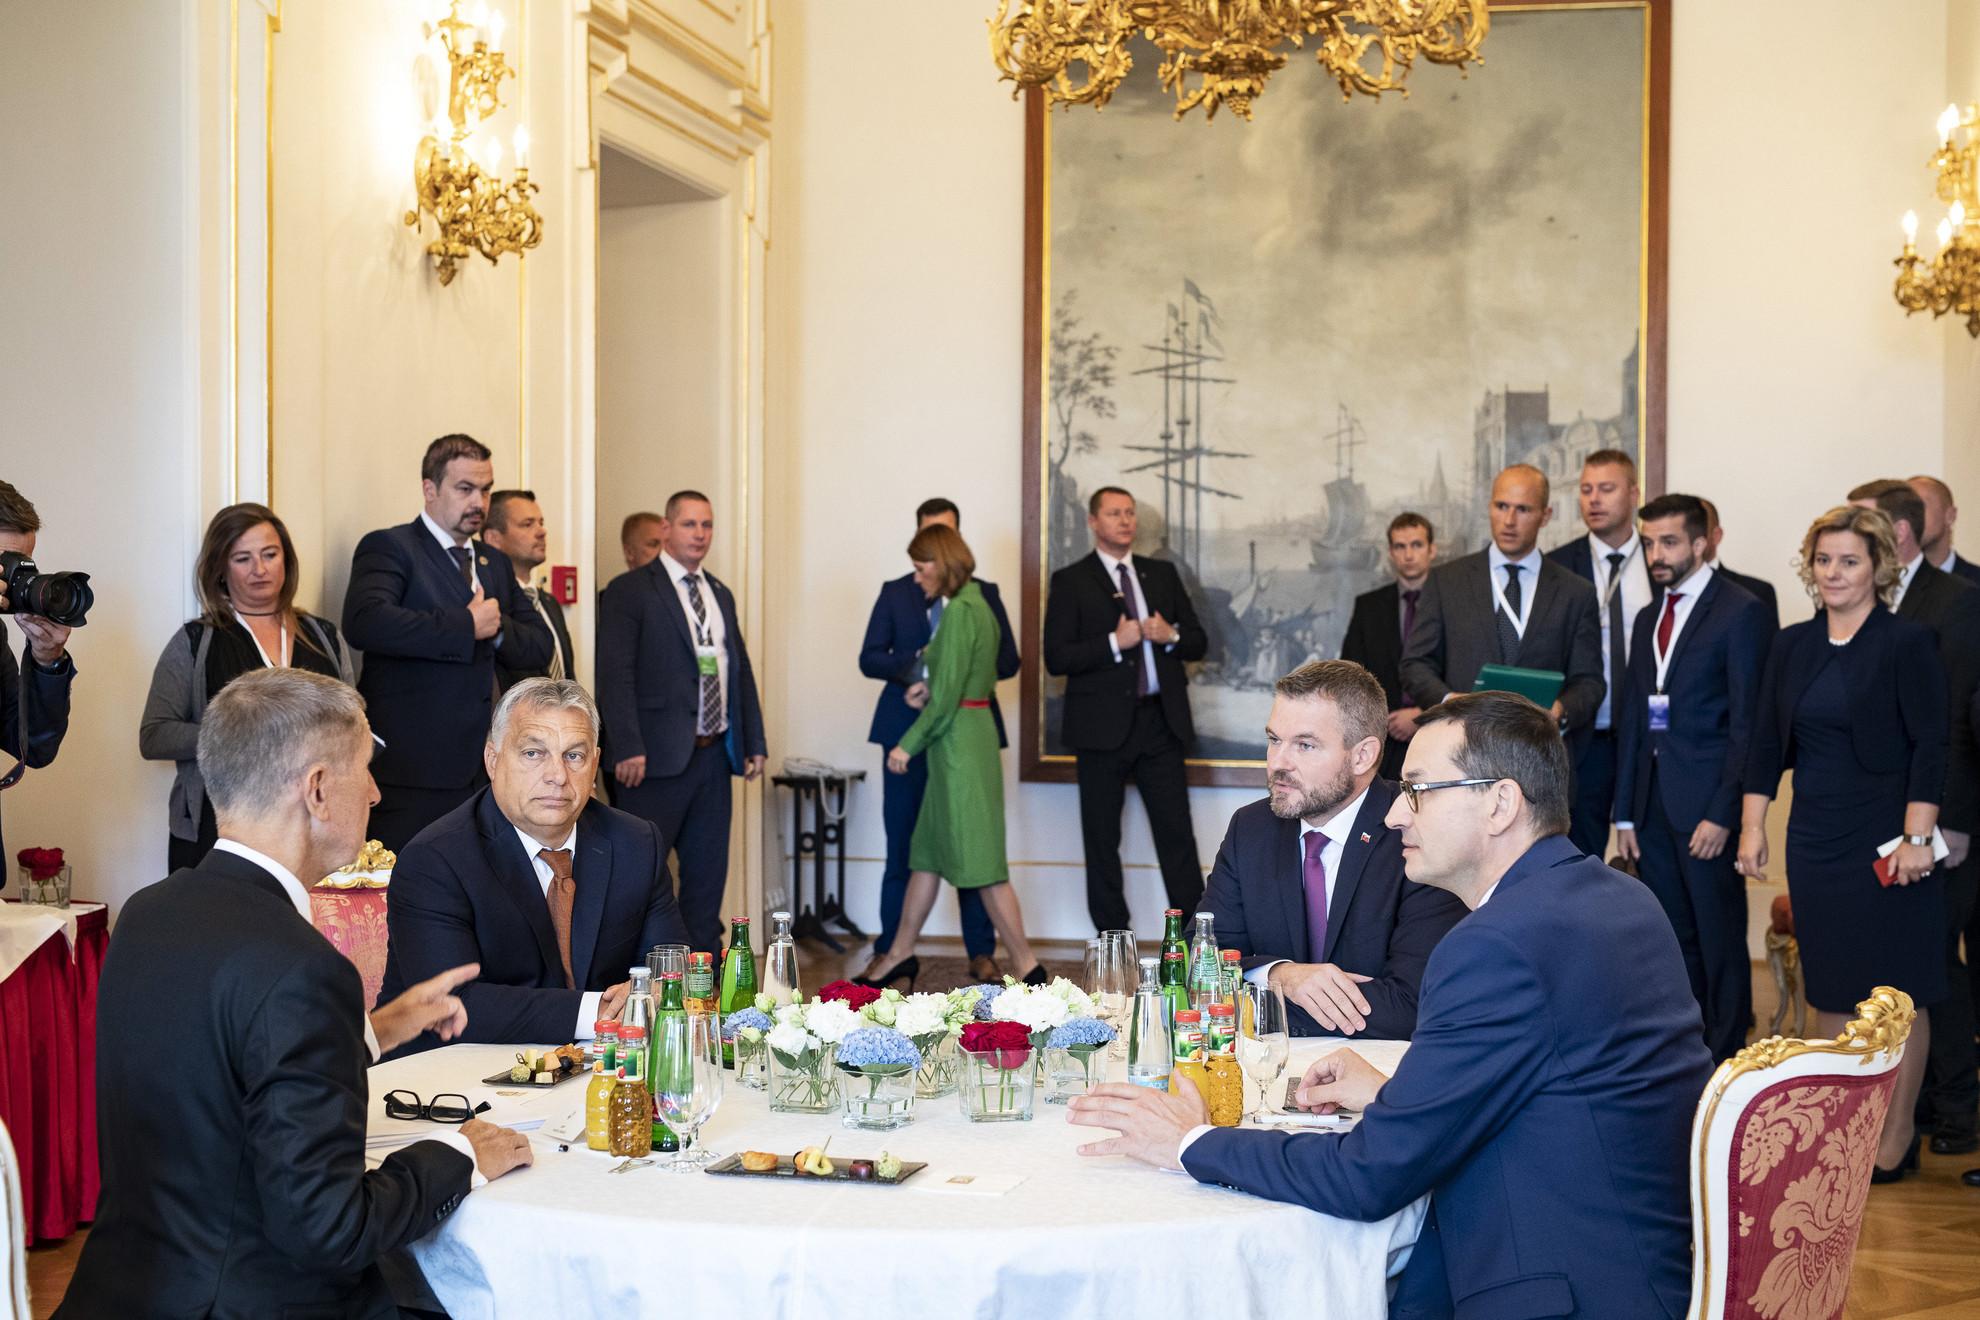 Andrej Babis cseh, Orbán Viktor magyar, Peter Pellegrini szlovák és Mateusz Morawiecki lengyel miniszterelnök (az asztalnál b-j) a V4-Nyugat-Balkán csúcstalálkozón Prágában 2019. szeptember 12-én